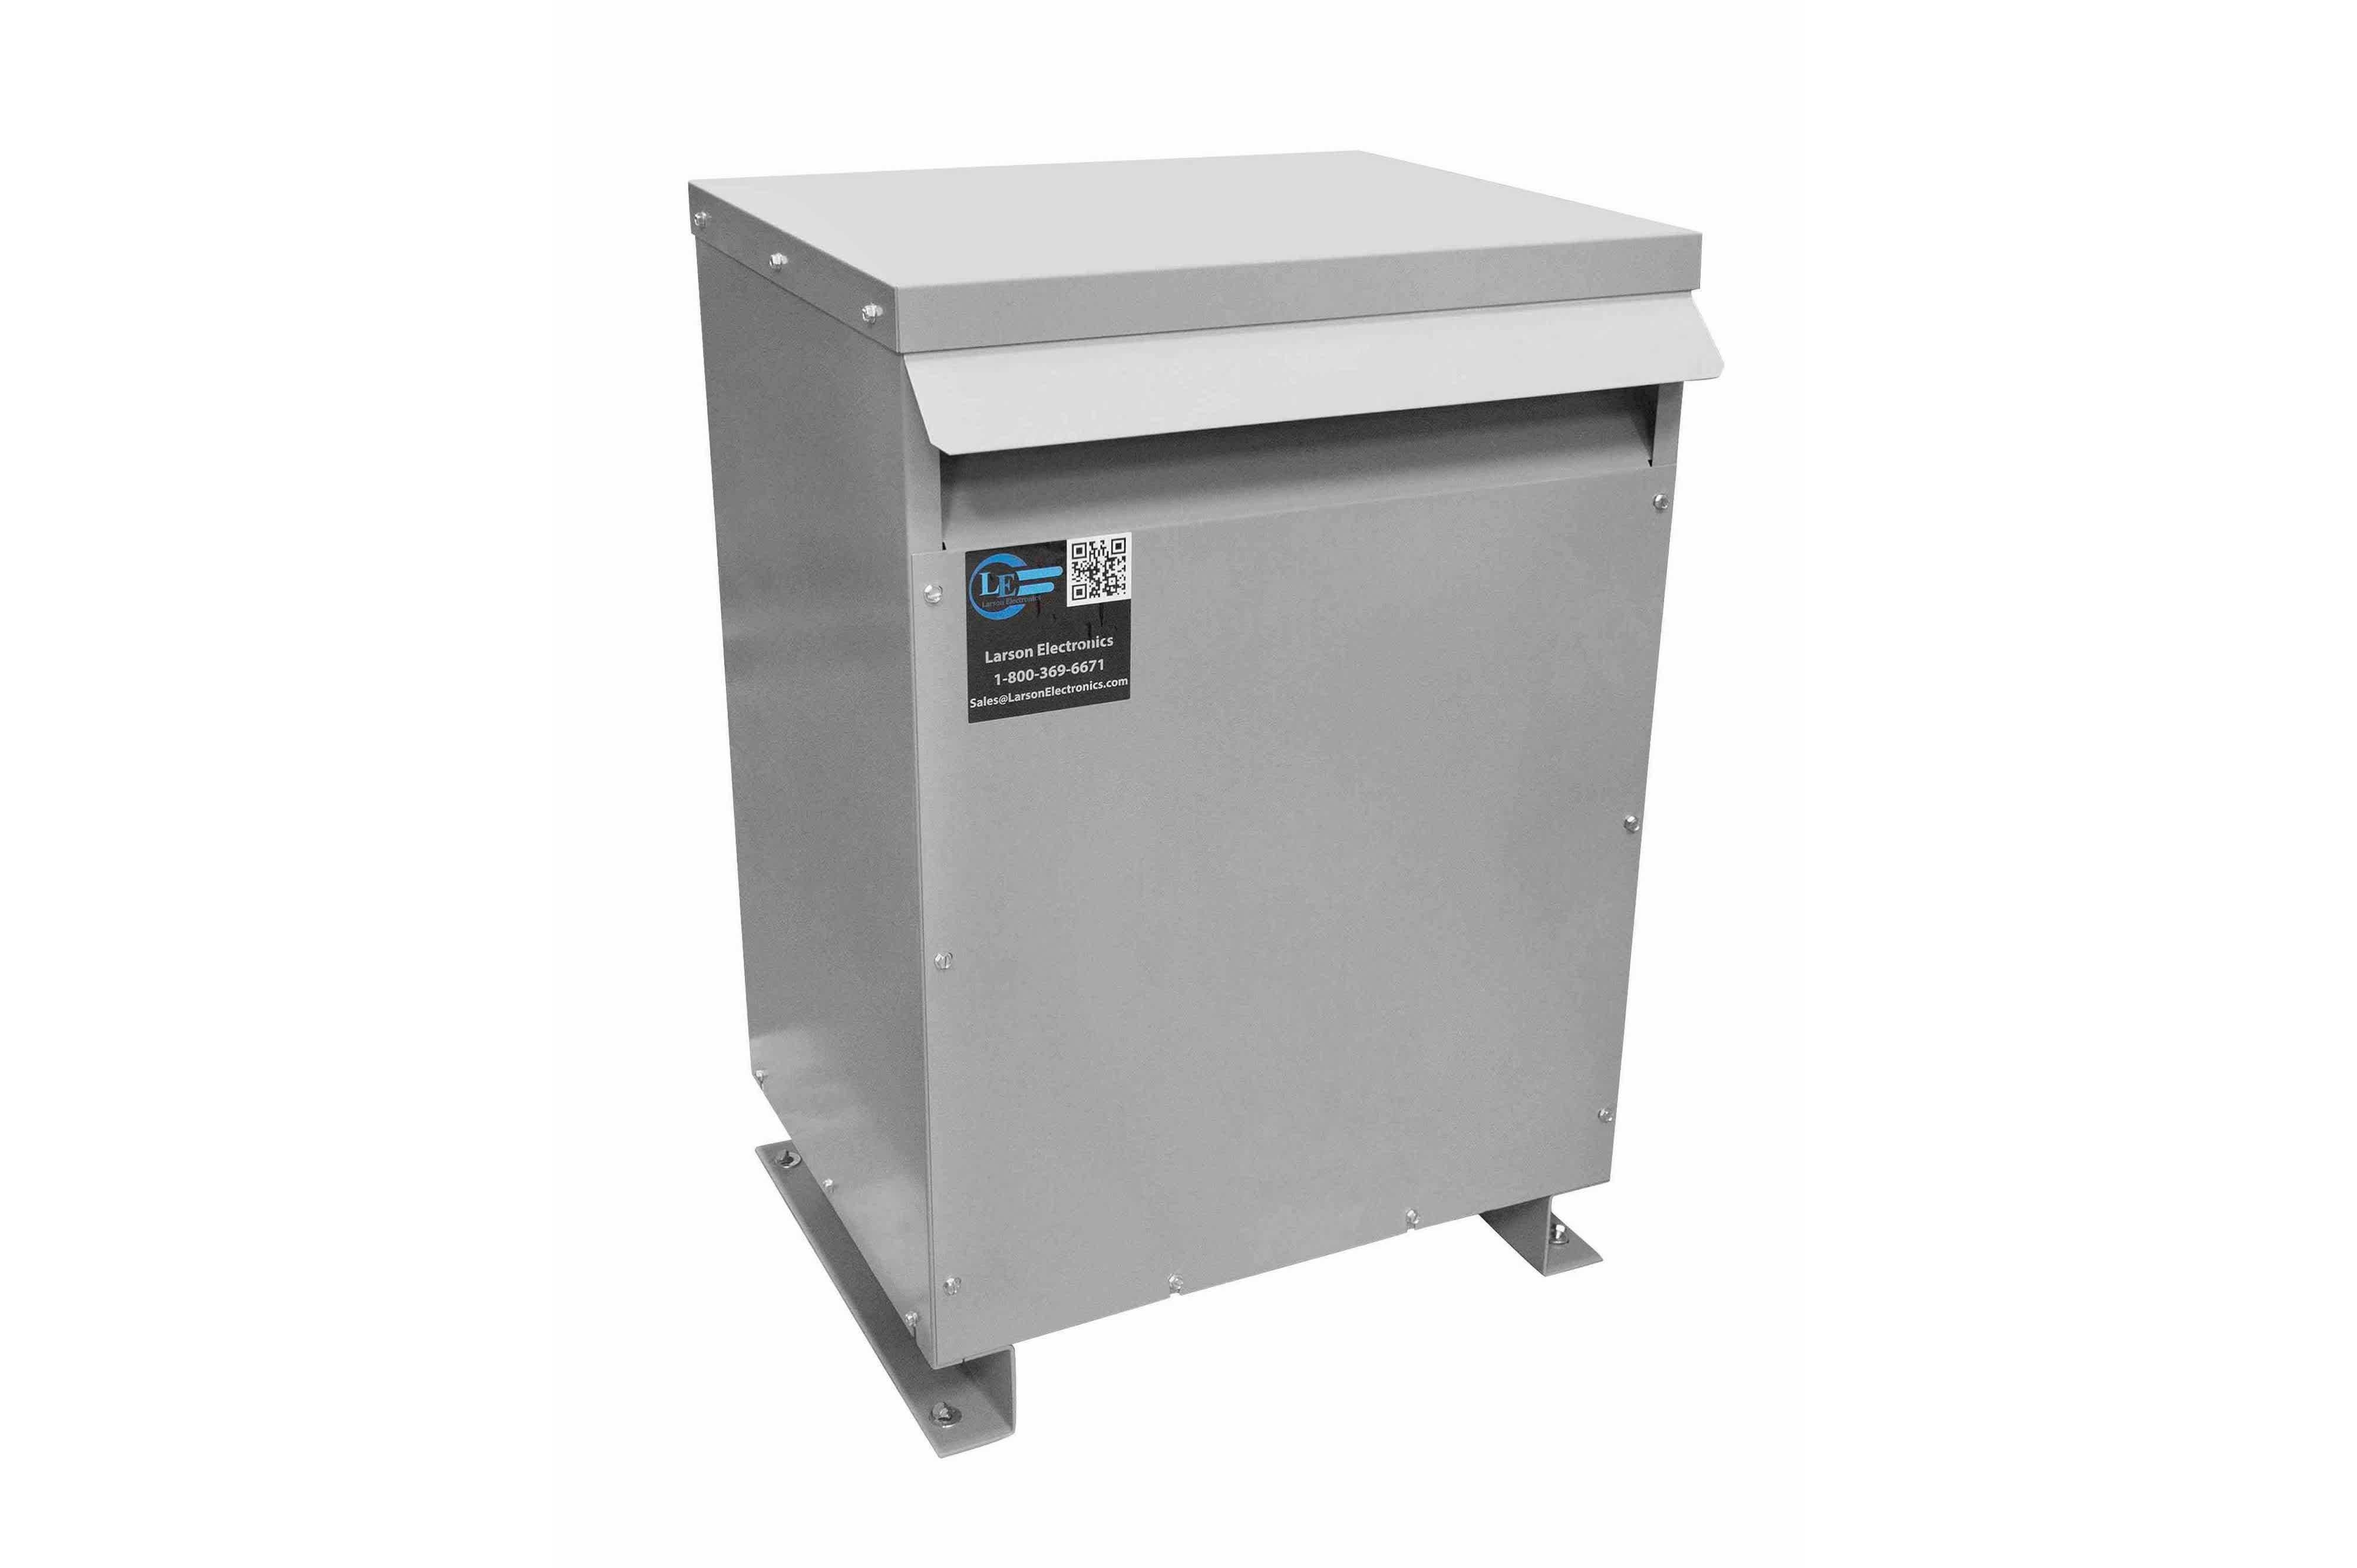 25 kVA 3PH Isolation Transformer, 400V Delta Primary, 480V Delta Secondary, N3R, Ventilated, 60 Hz